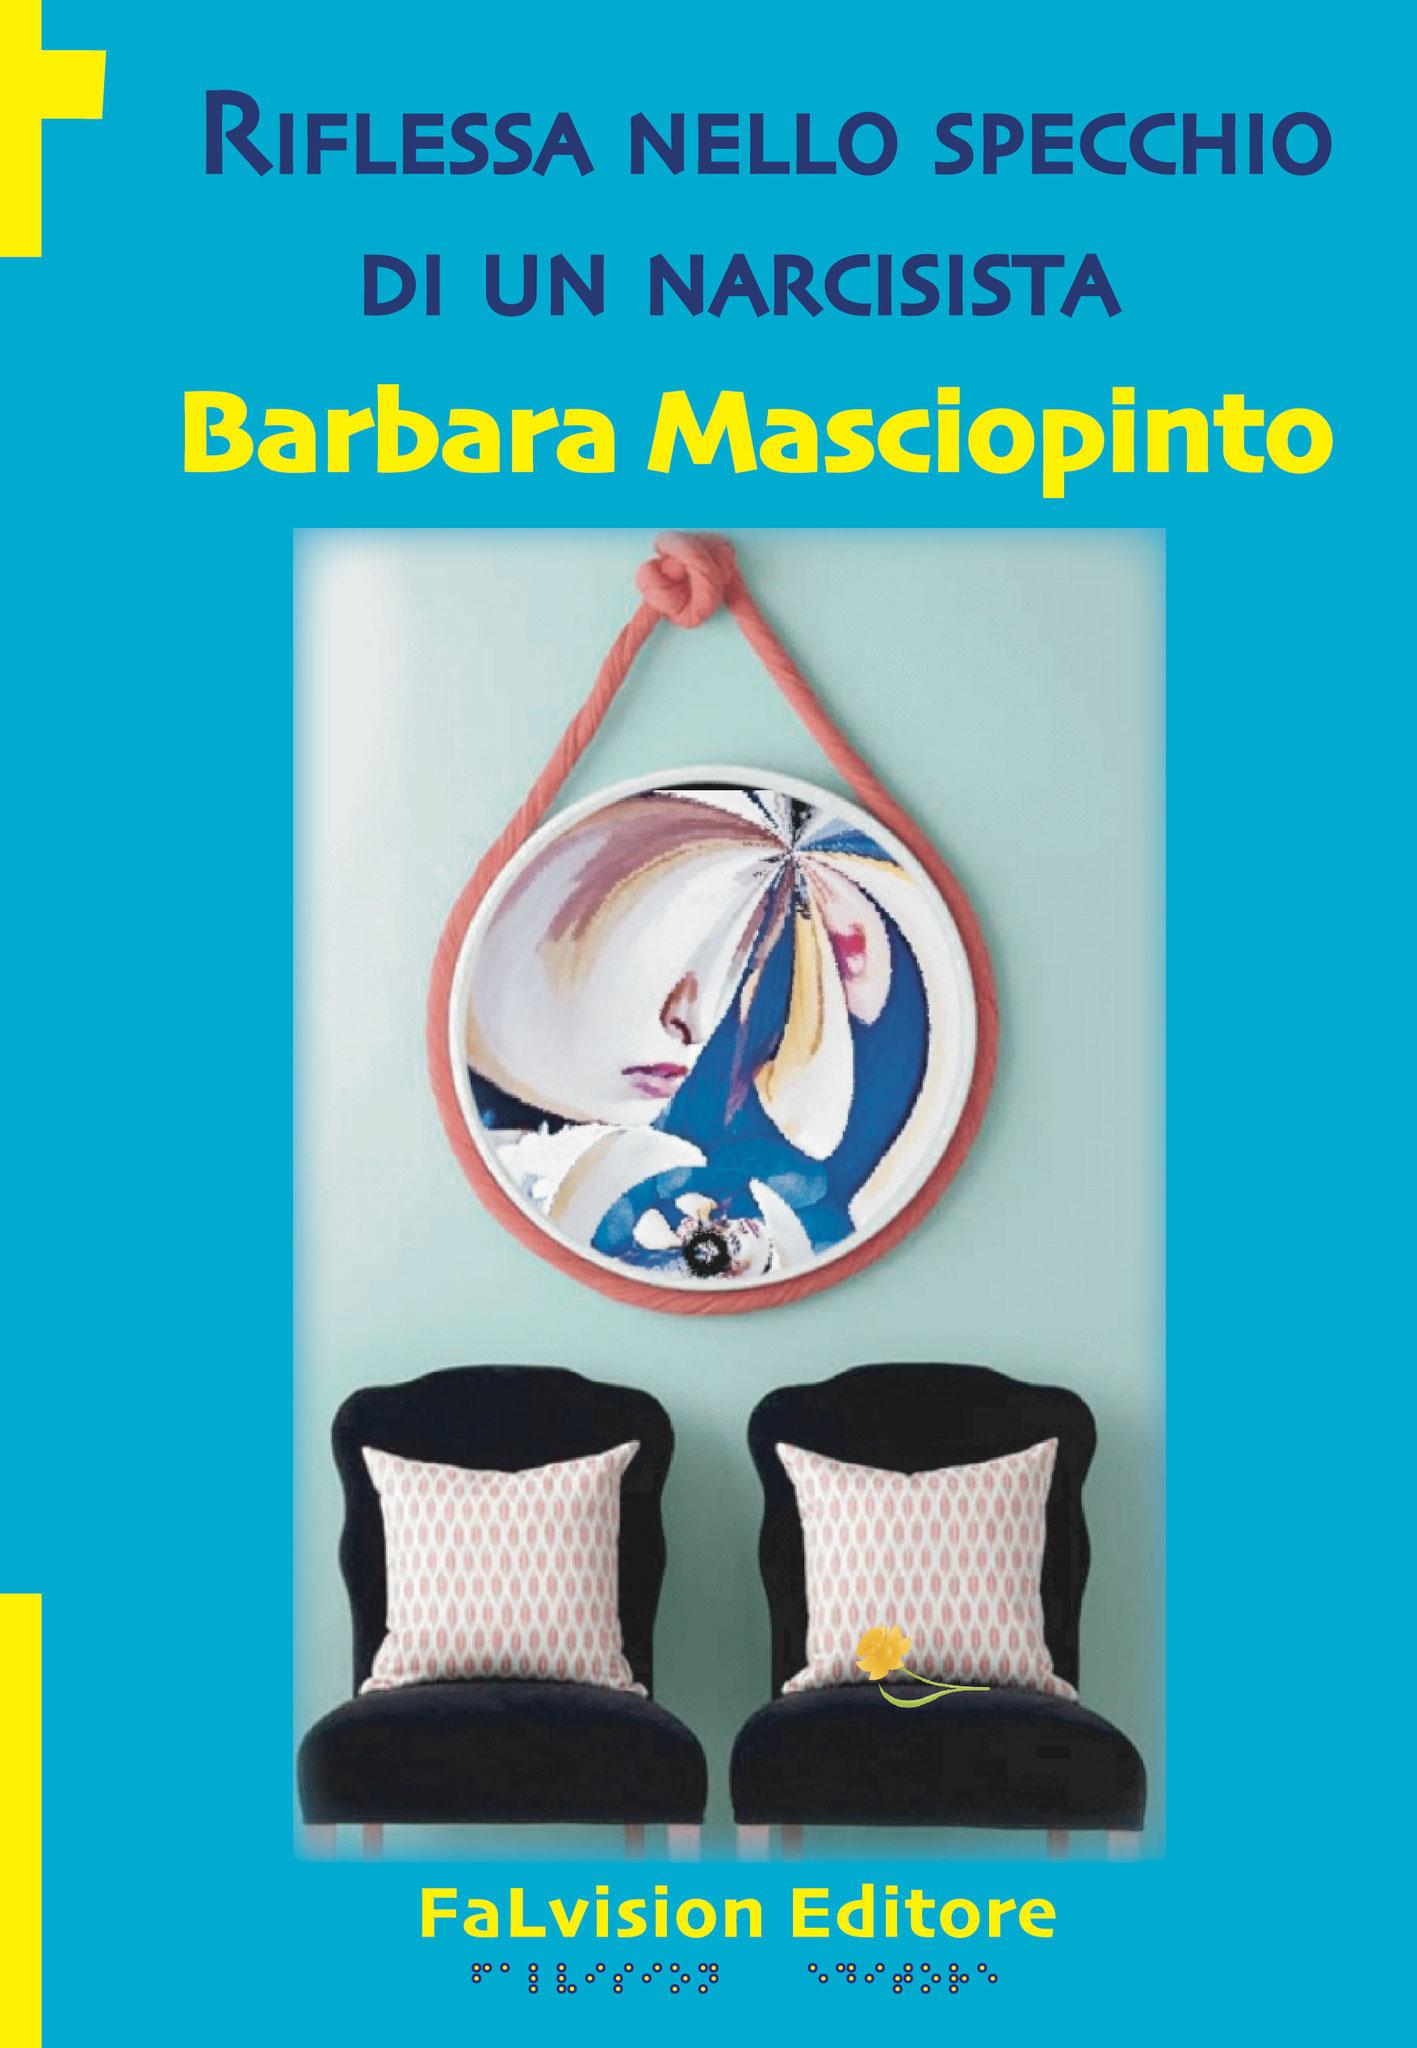 Riflessa nello specchio di un narcisista, Barbara Masciopinto